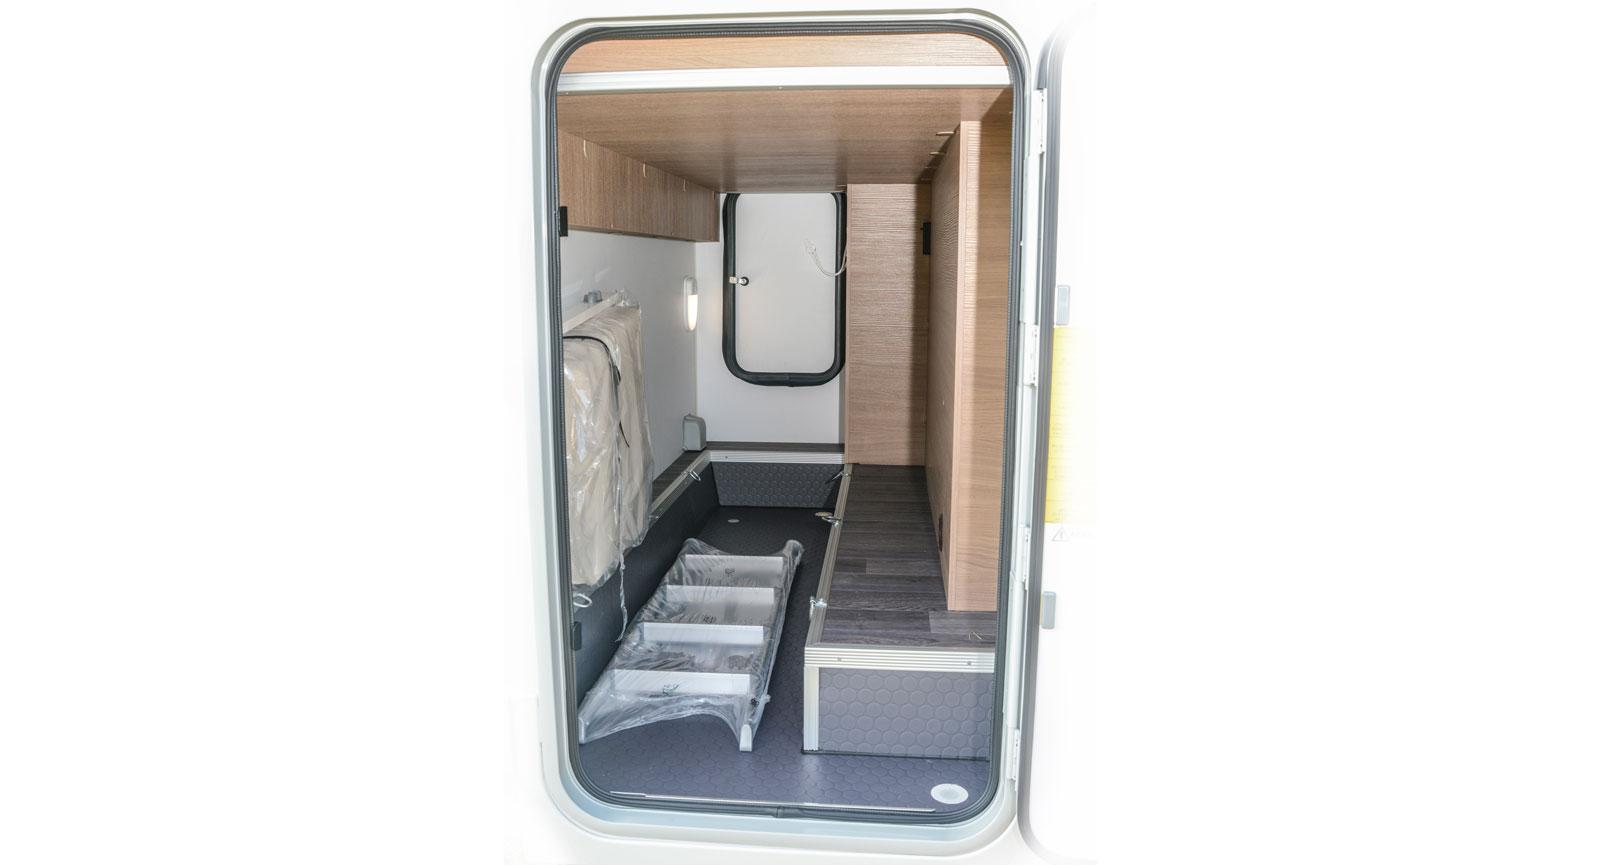 Garaget har både uppvärmning och belysning och är förhållandevis rymligt.